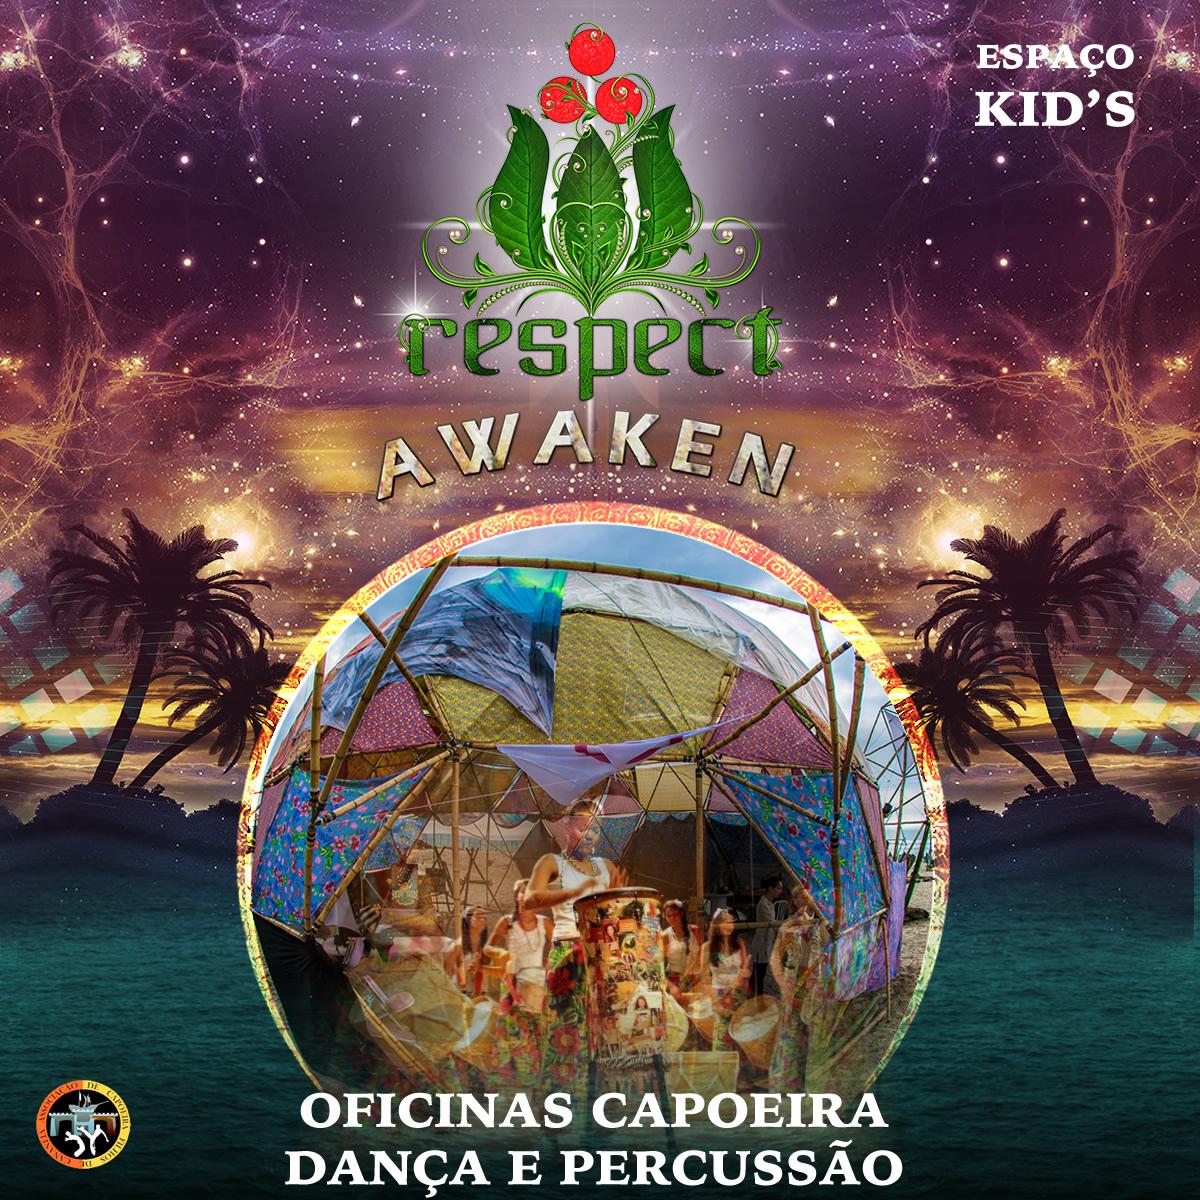 Espaço KID'S – Oficinas de Capoeira, Danças E Percussão @ Respect Awaken 2017